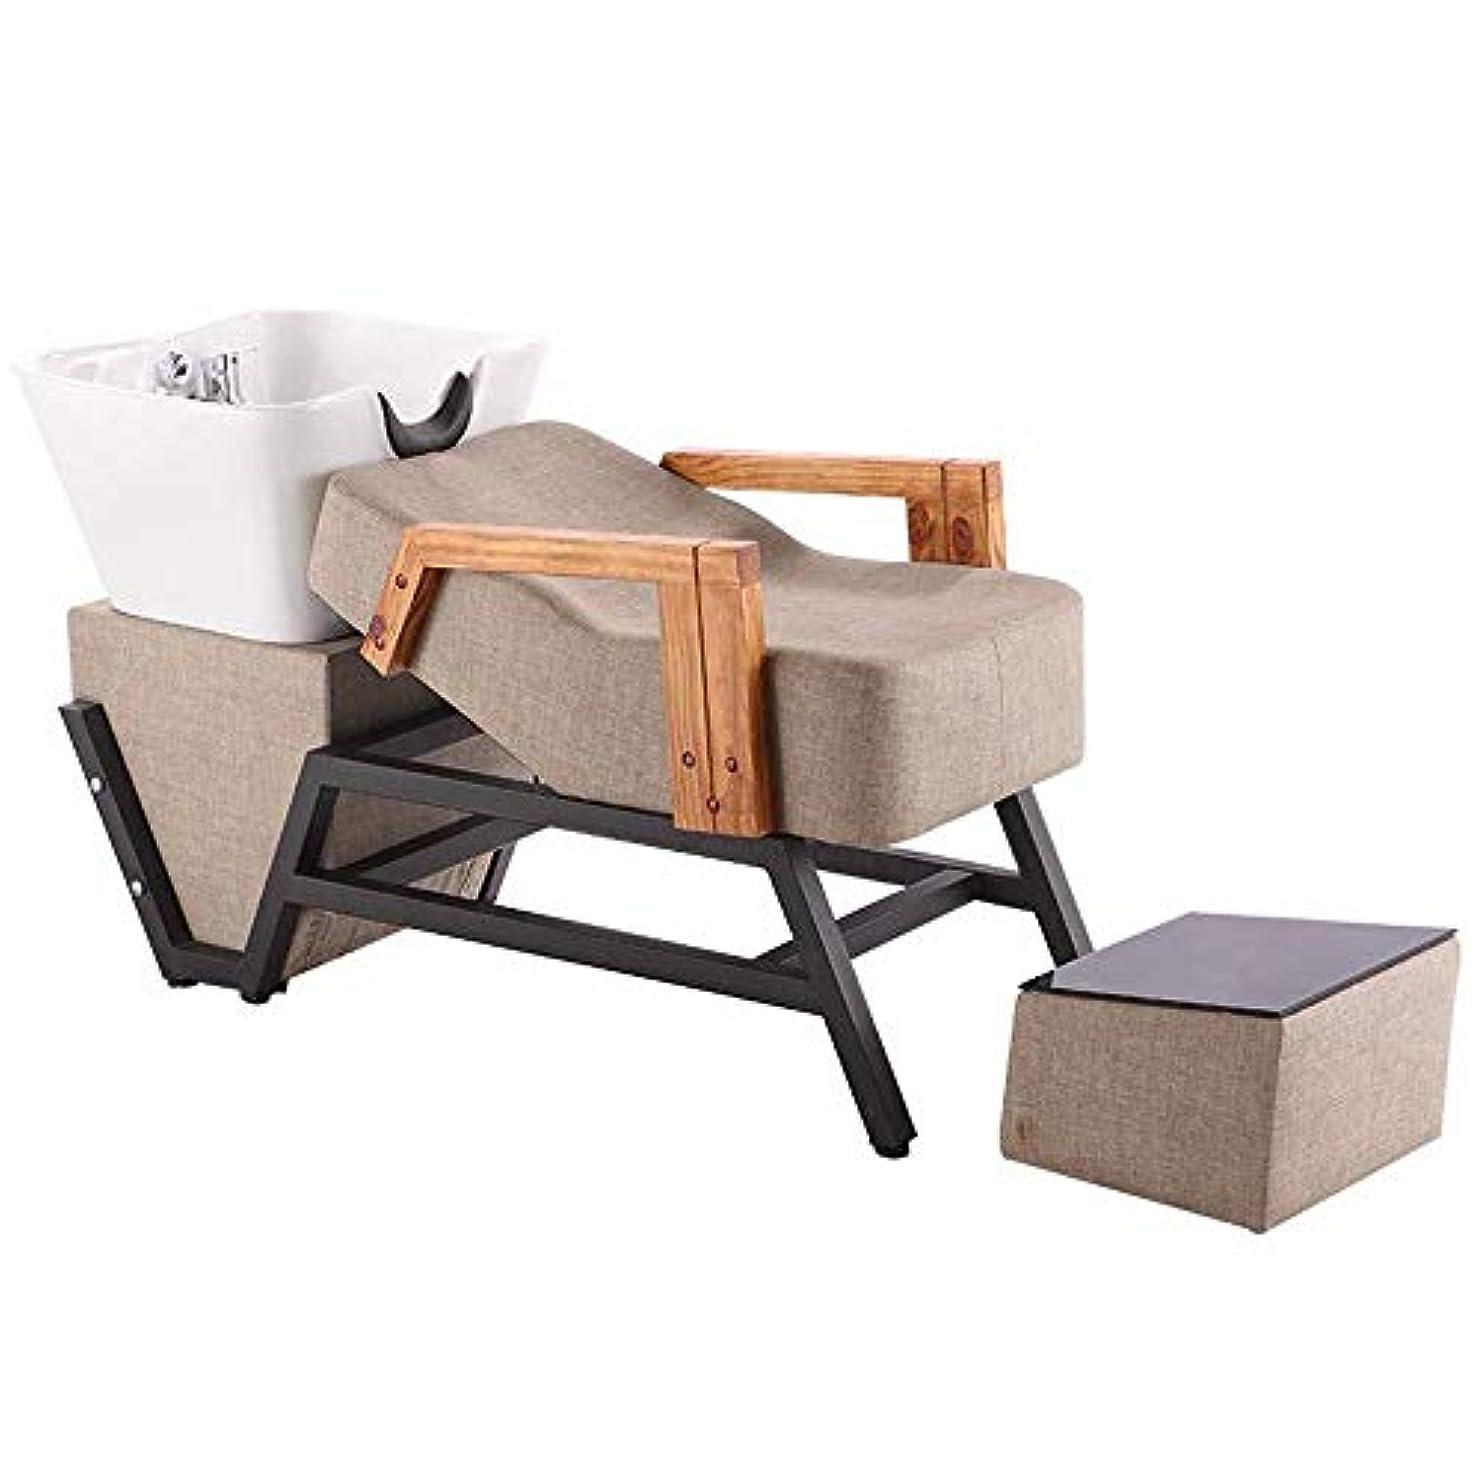 ジュニアボリューム中央値サロン用シャンプー椅子とボウル、 サロンボウルシャンプーシンク逆洗椅子理髪美容スパ機器 ッド理髪店専用